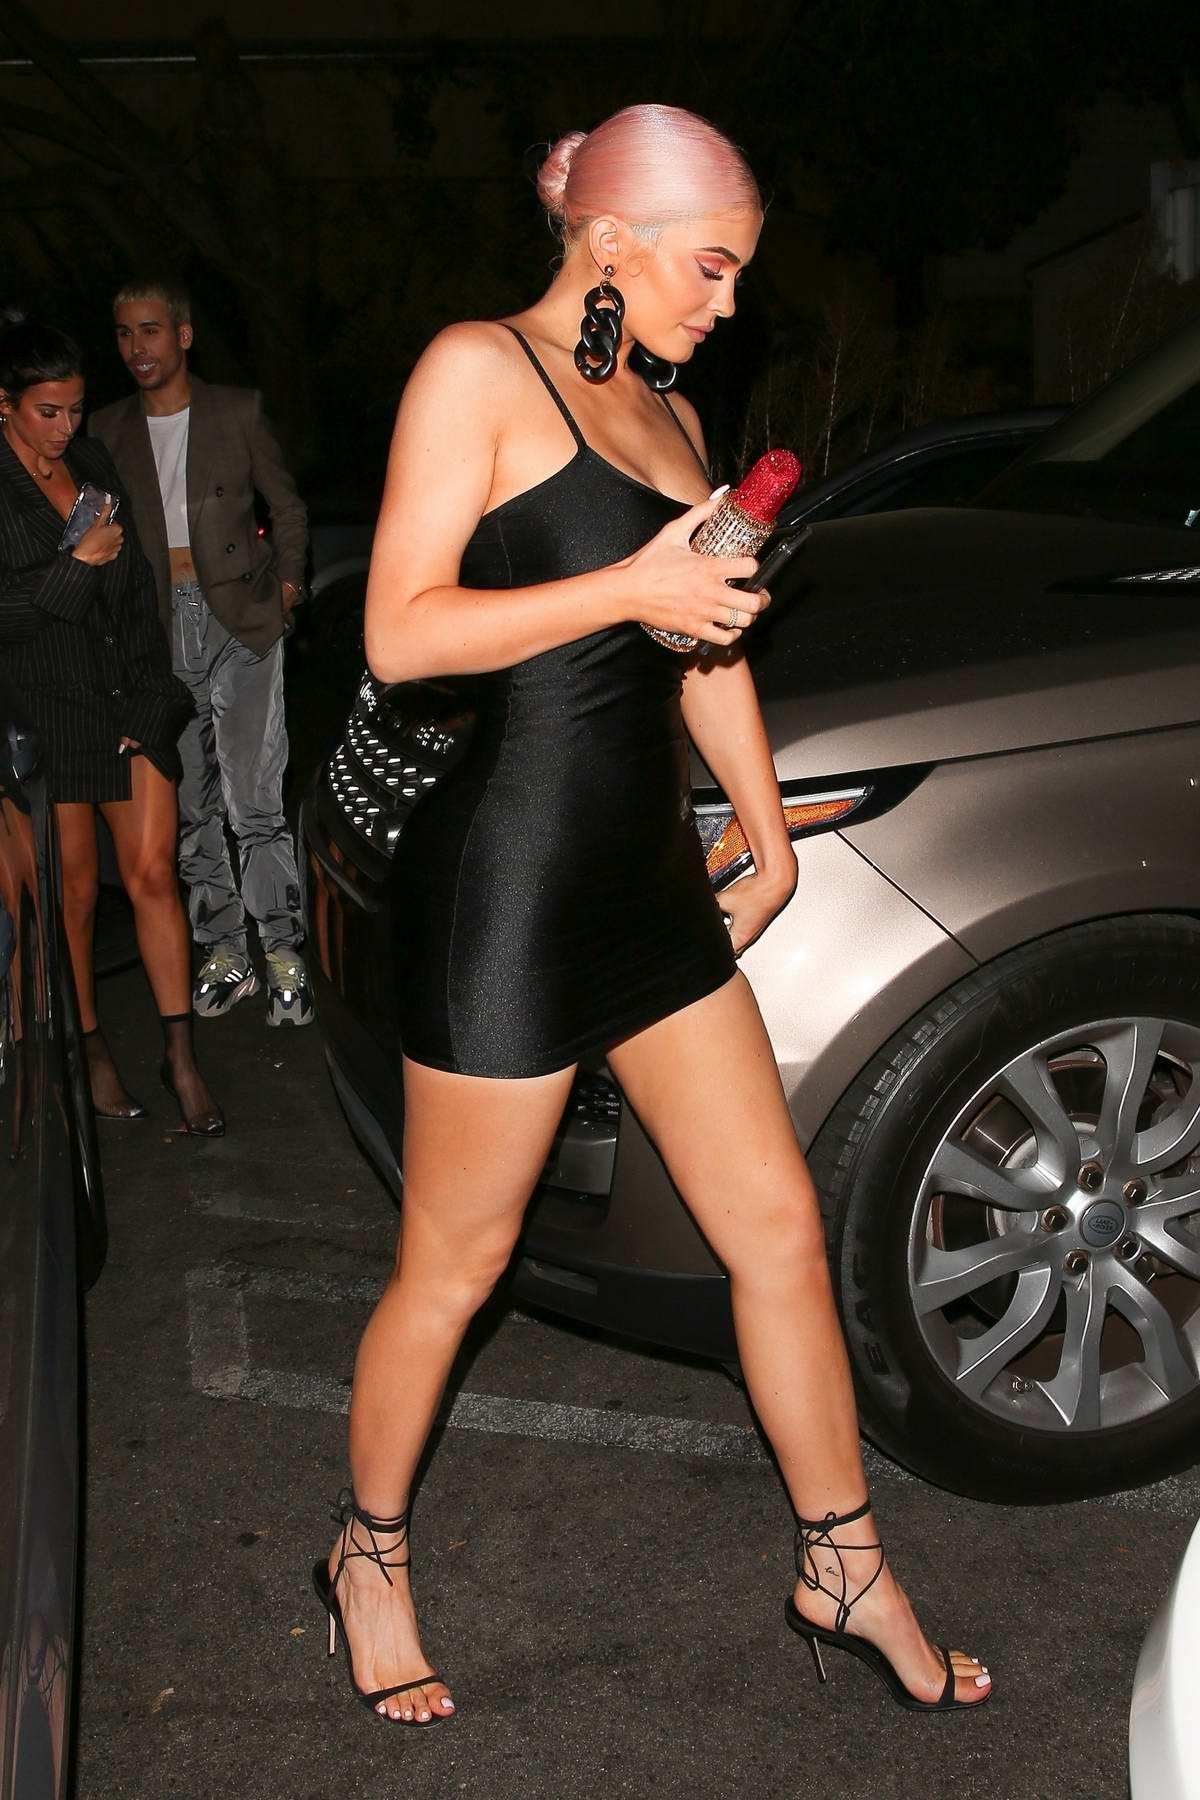 Kylie Jenner Rocks A Short Black Dress As She Arrives At